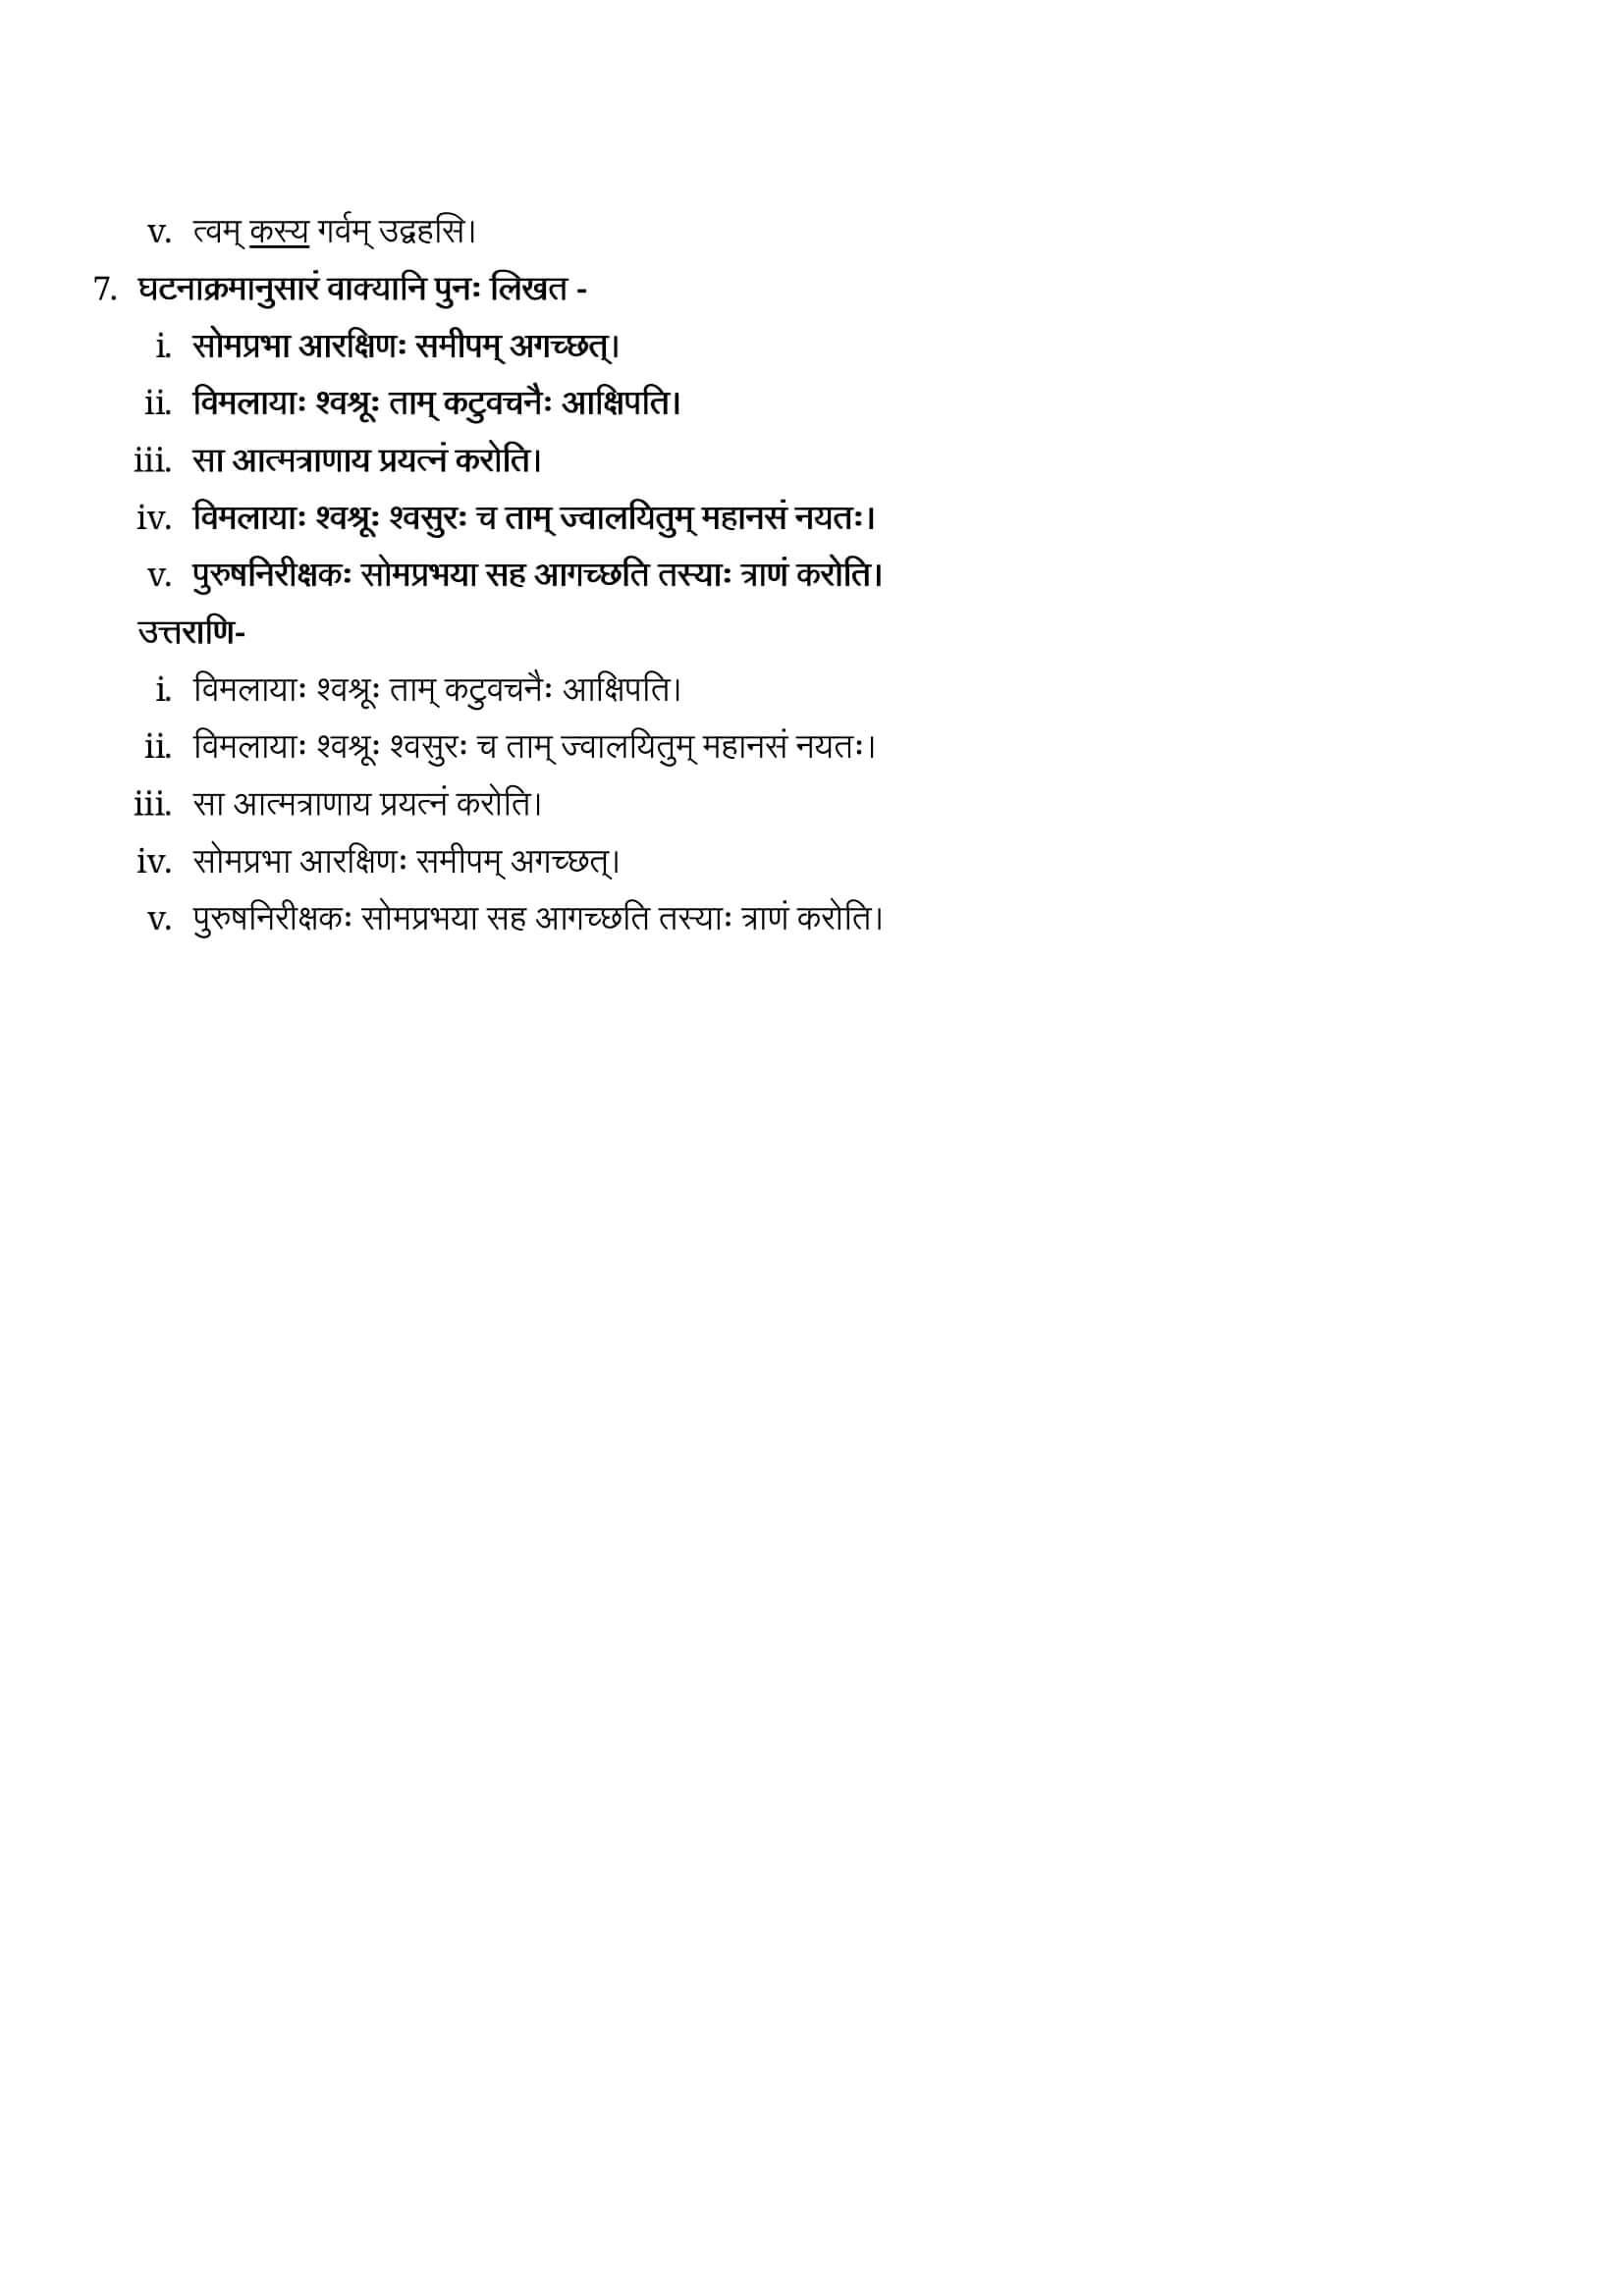 ncert solutions class 9 sanskrit shemushi chapter 3 sompravam 4